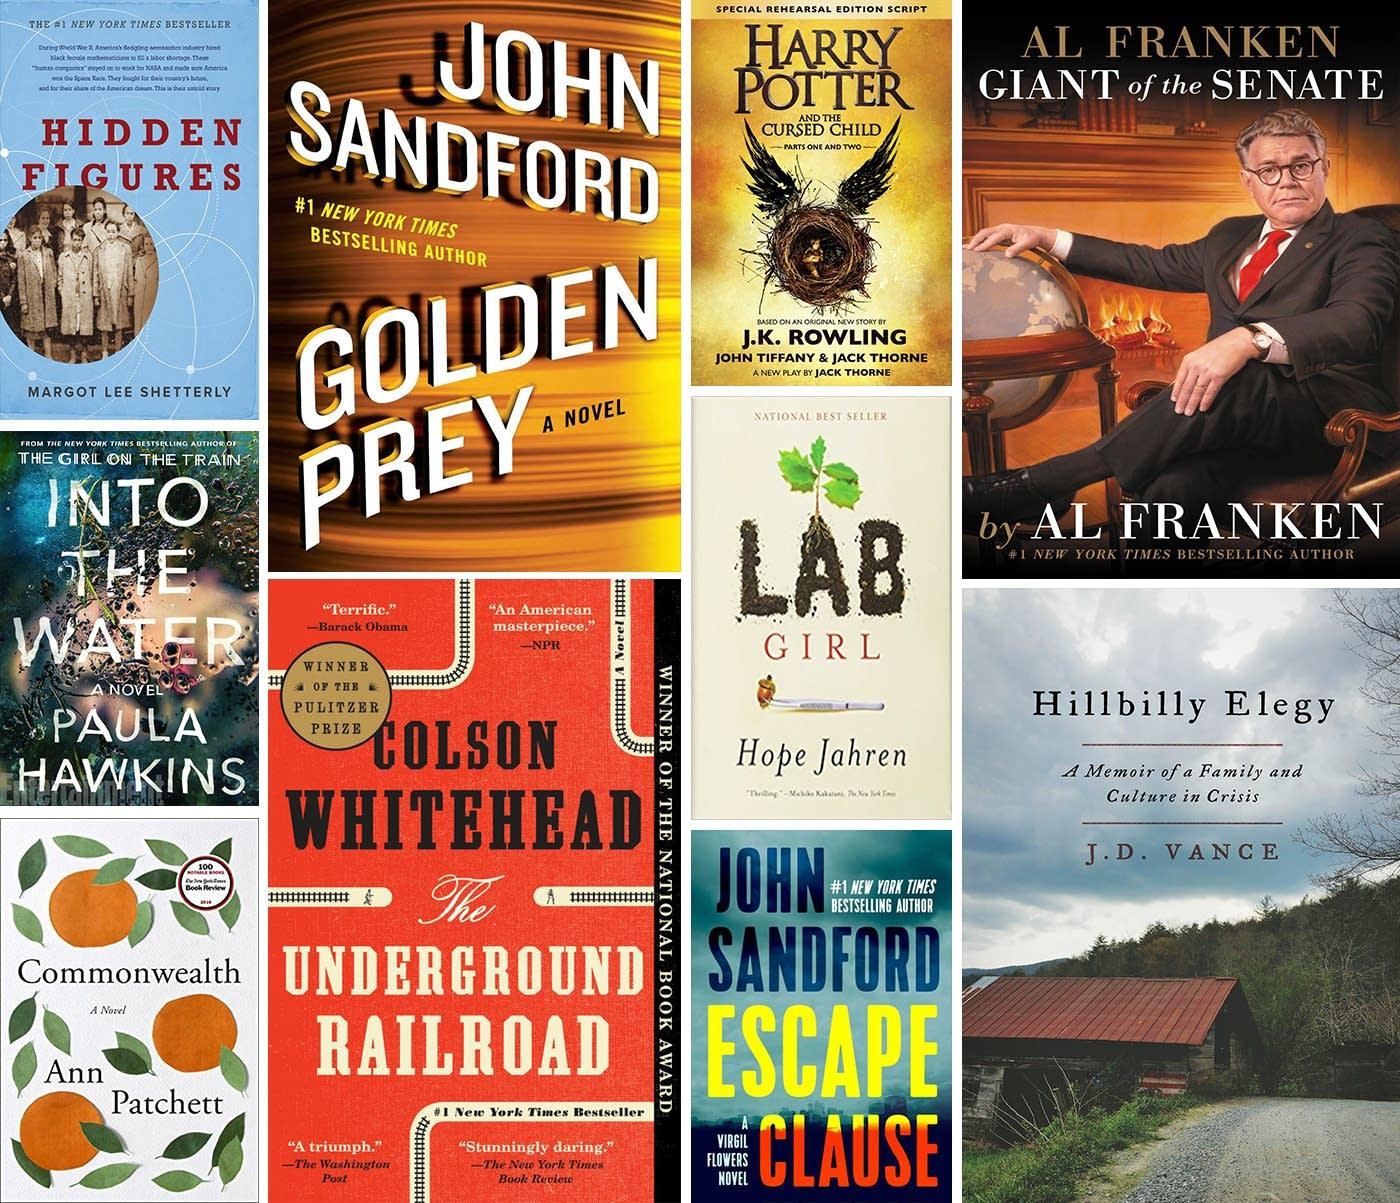 Saint Paul Public Library favorites for 2017